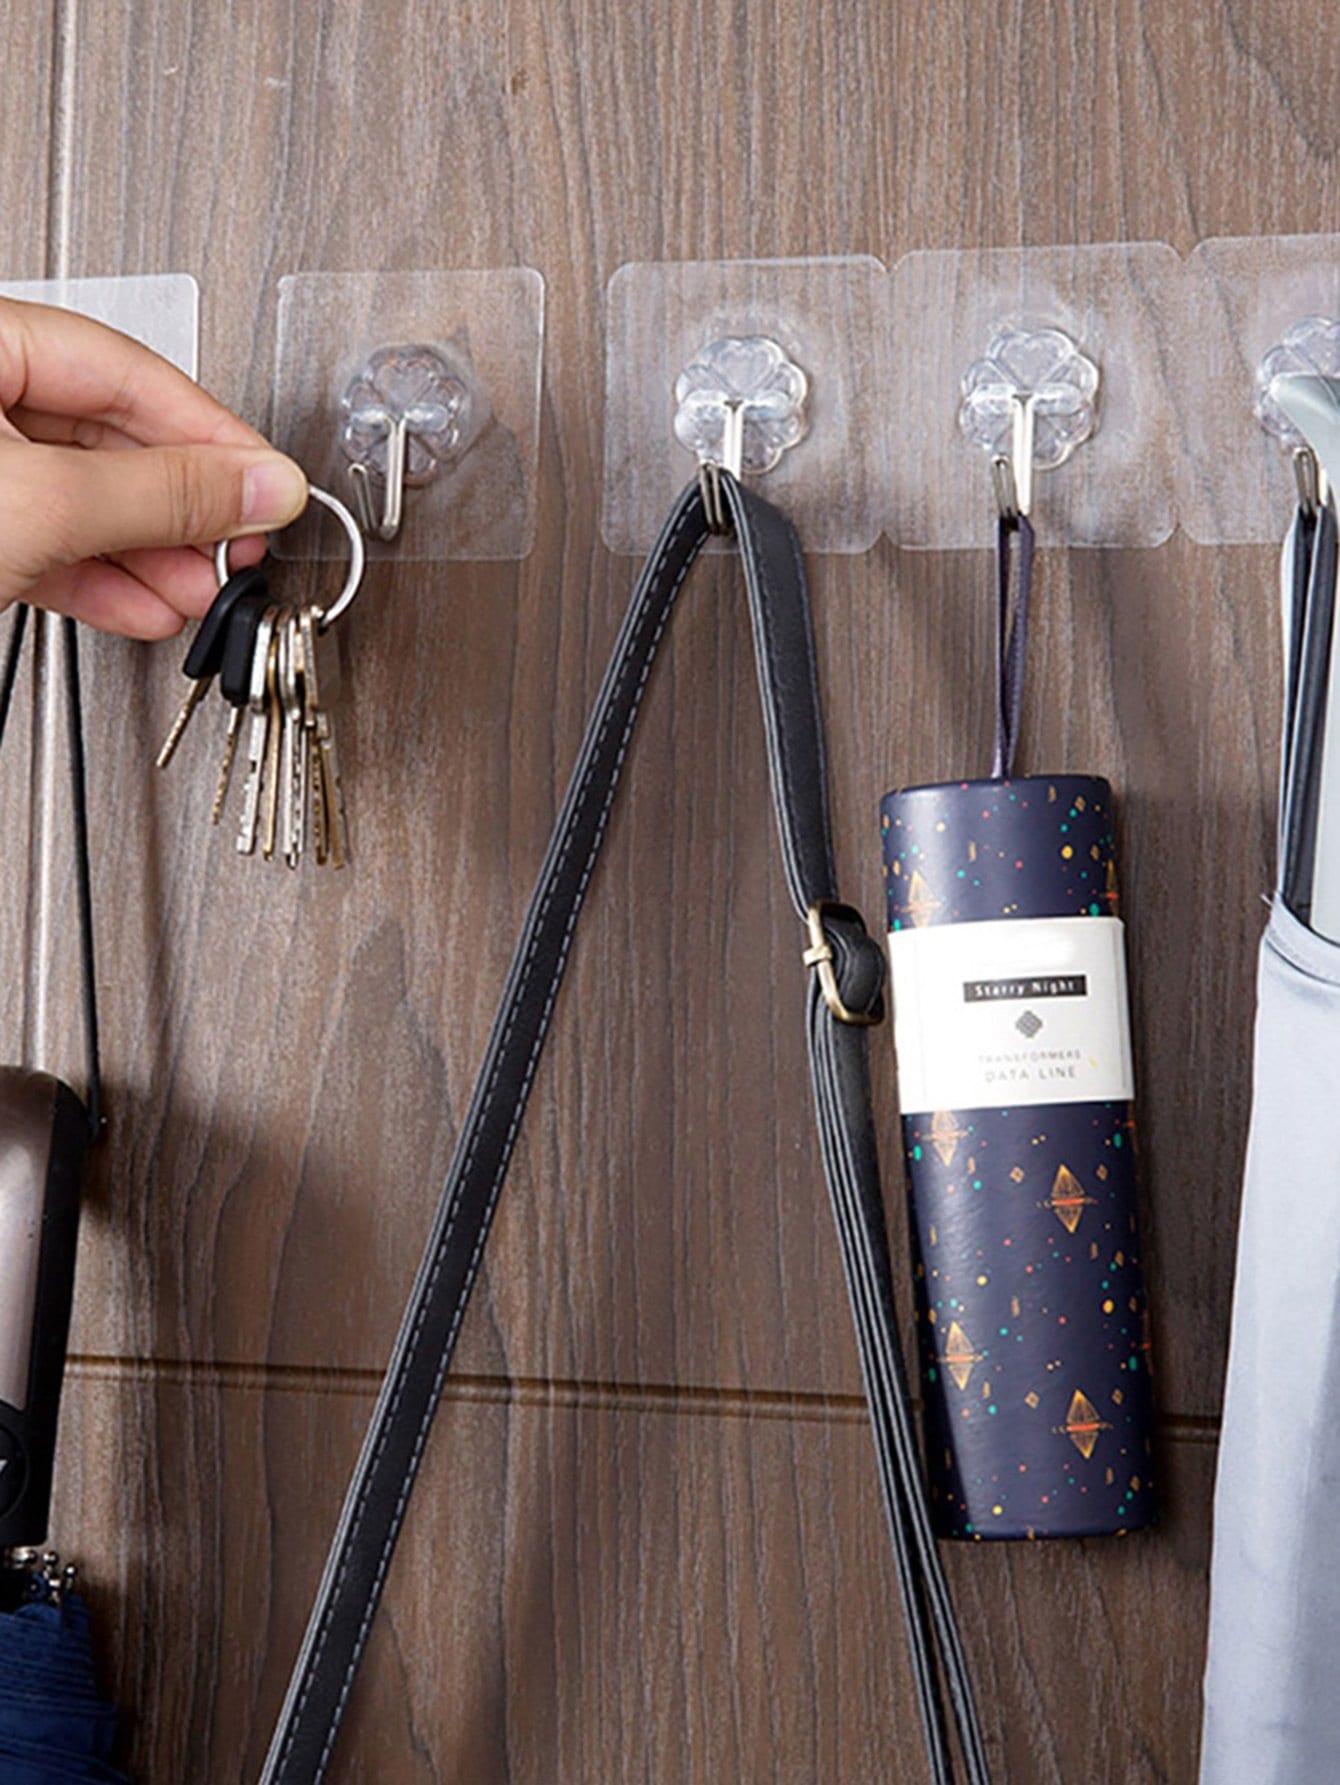 8 шт. прозрачный самоклеющиеся крюк, null, SheIn  - купить со скидкой